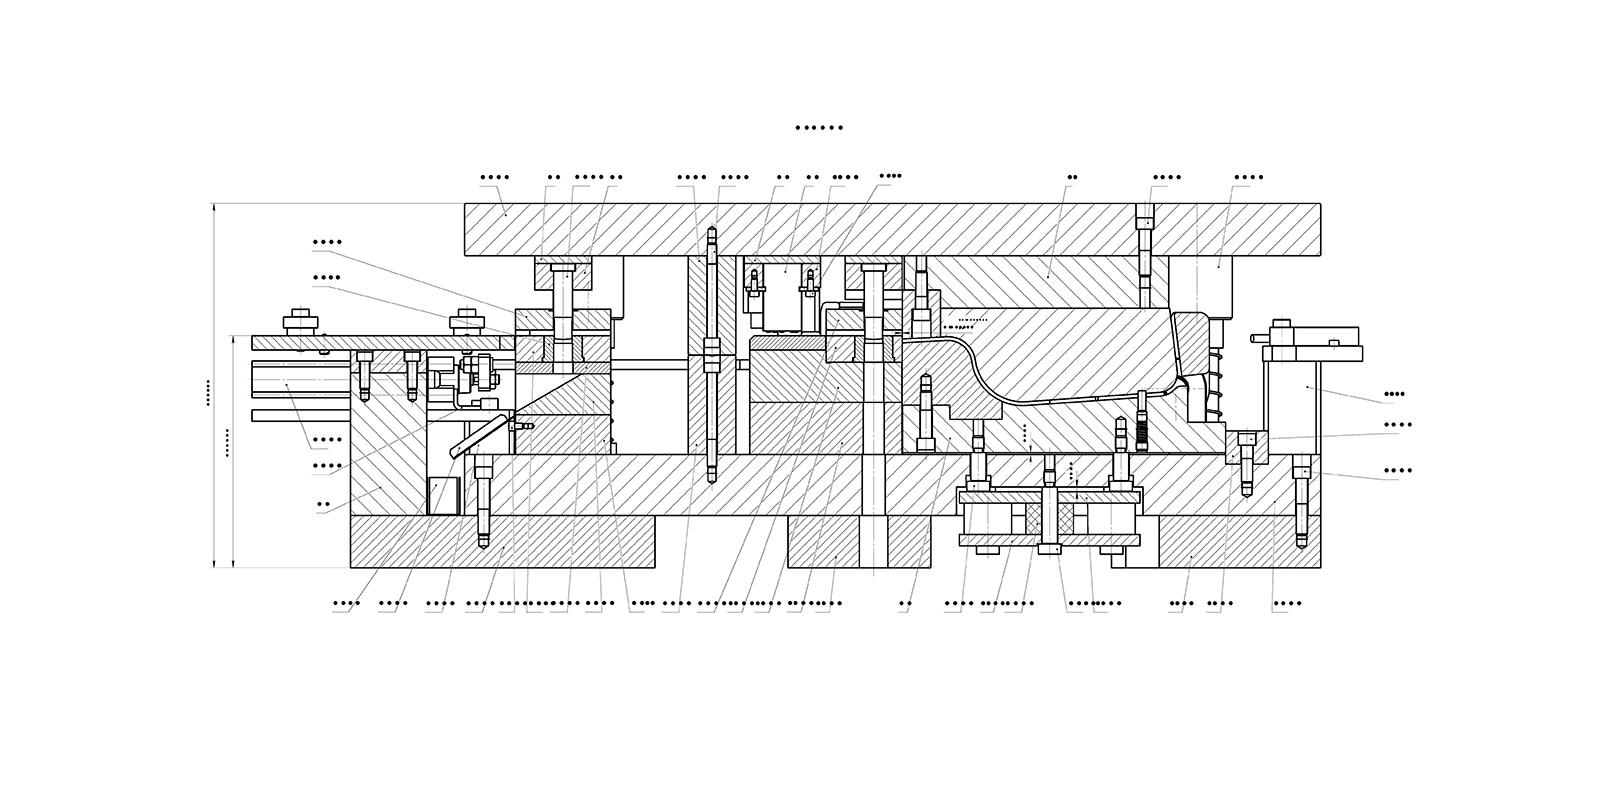 проектирование штампов